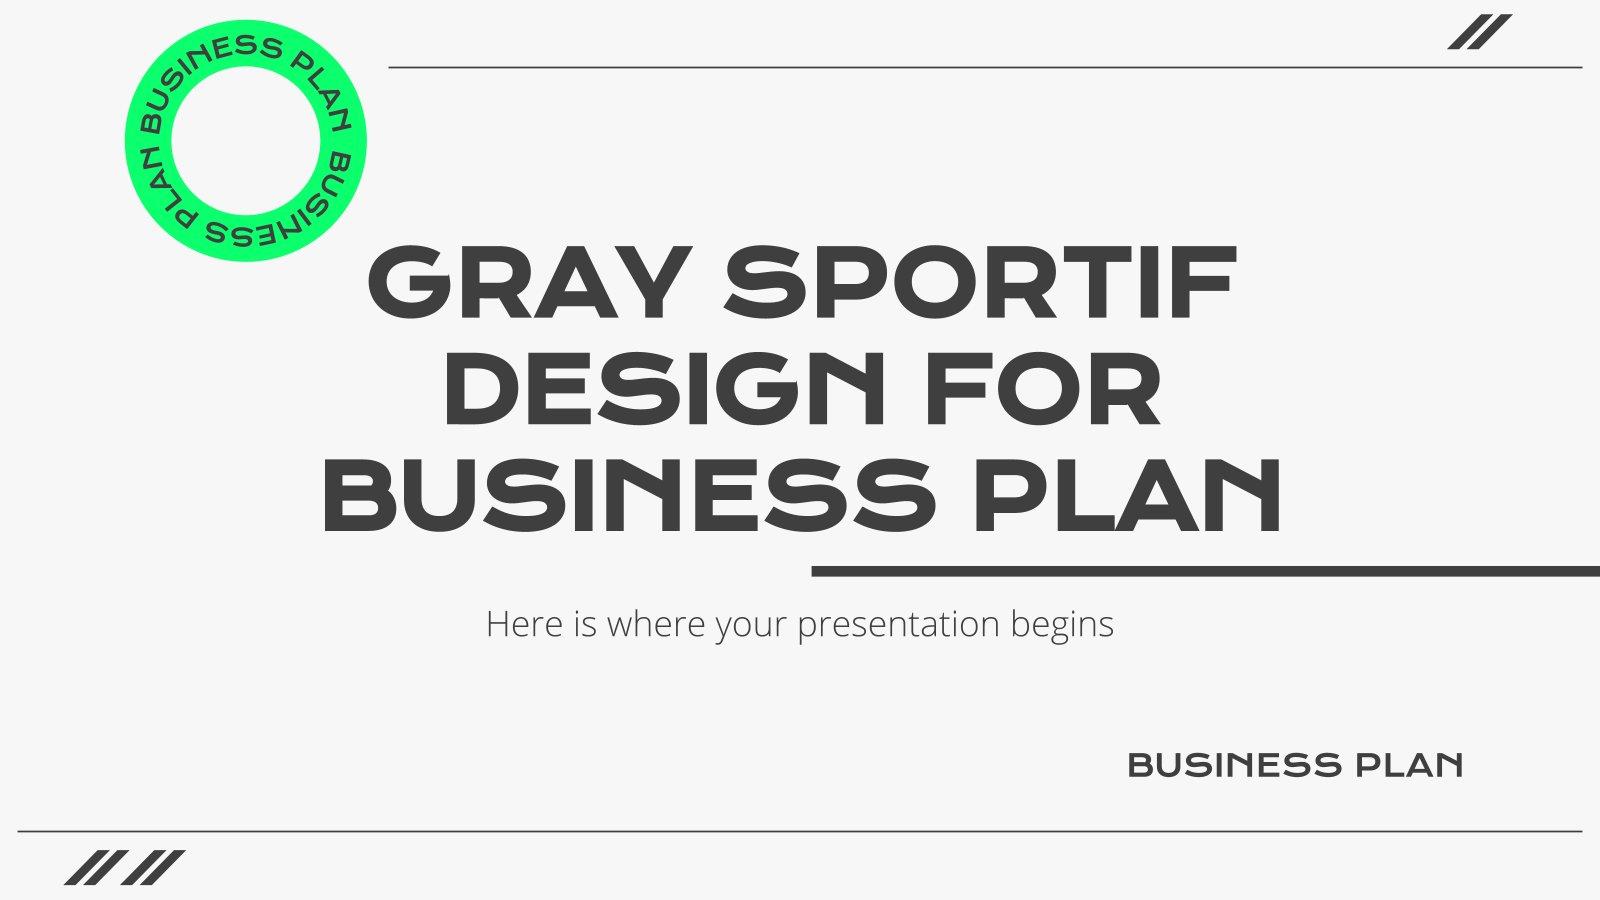 Modelo de apresentação Design cinza esportivo para plano de negócios